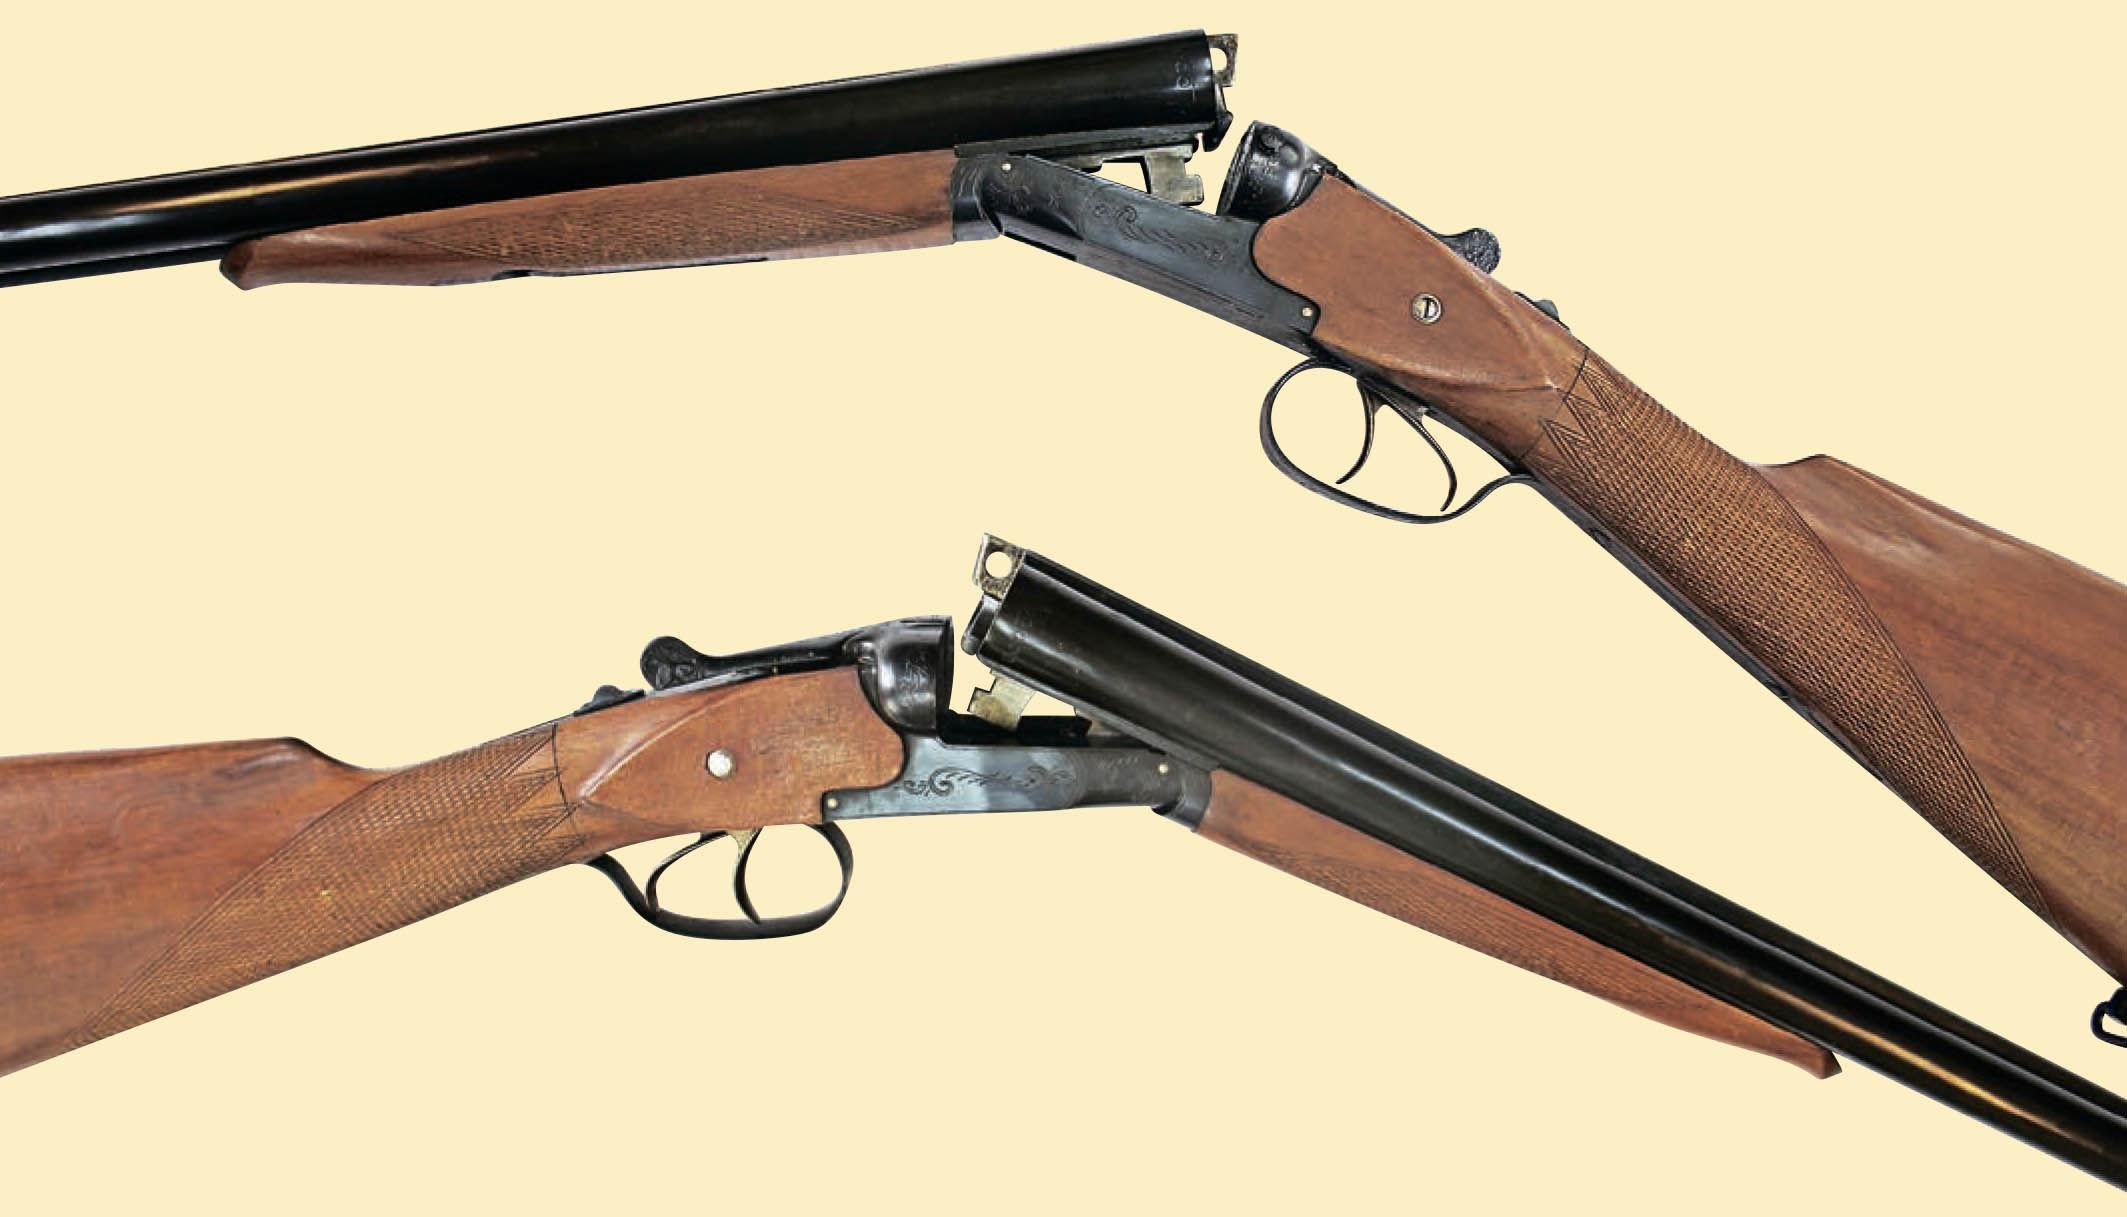 Ружьё ТОЗ-25 с открытым блоком стволов